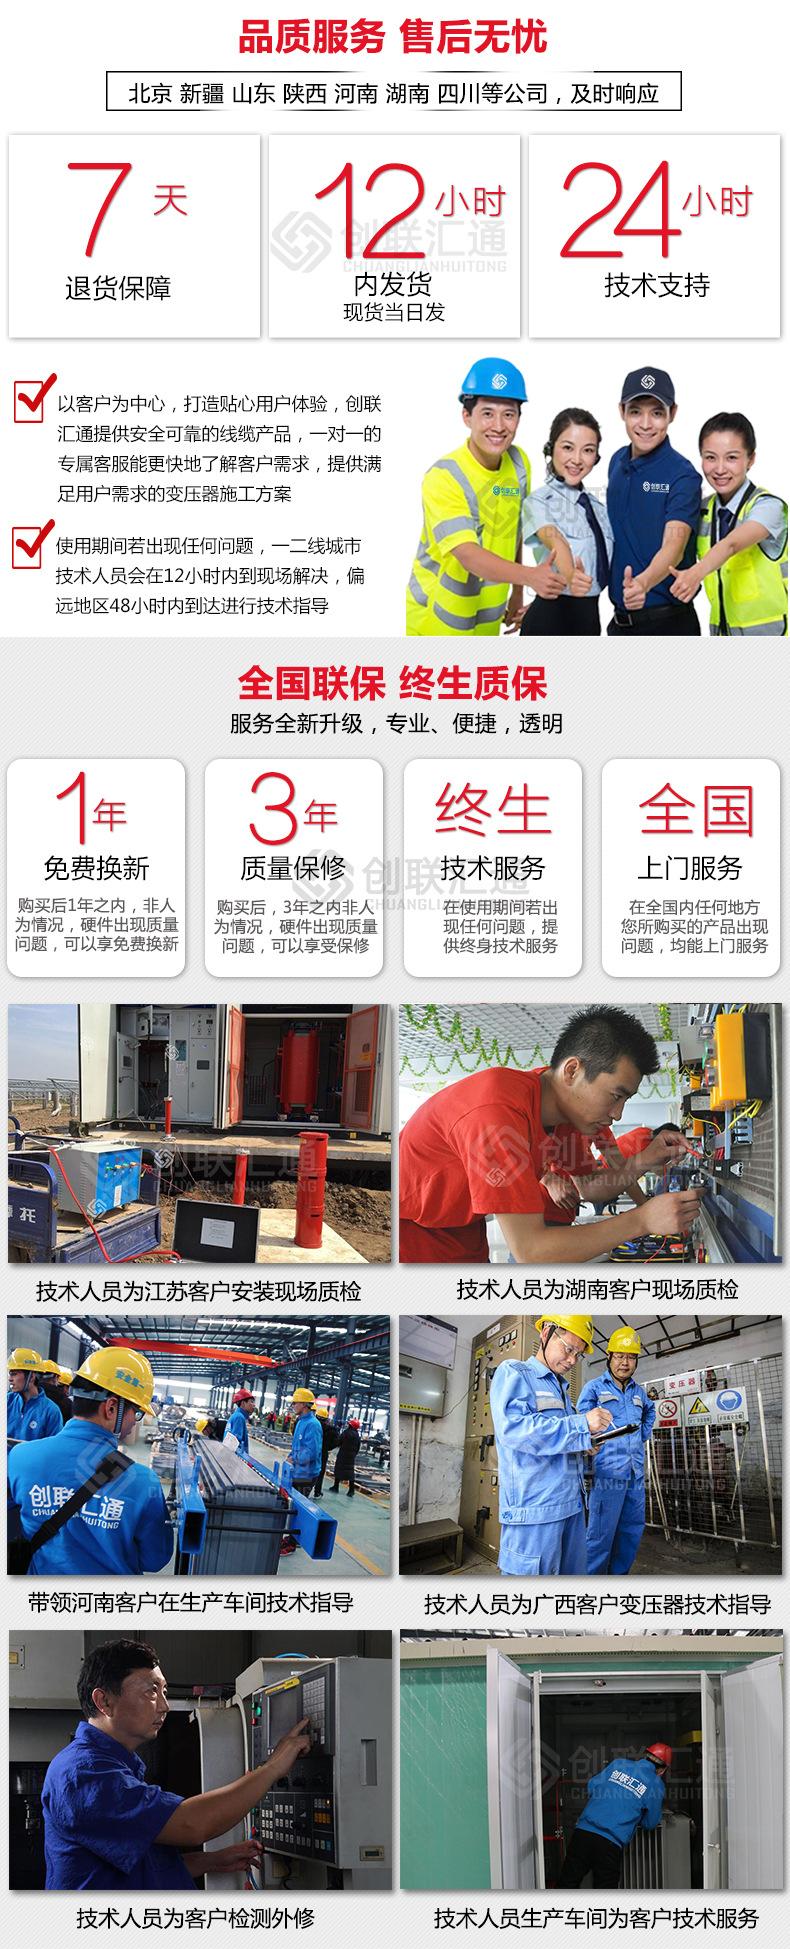 箱式变电站,欧式箱变,YBM-12/0.4-12 欧式,变压器,箱变生产厂家-创联汇通示例图10